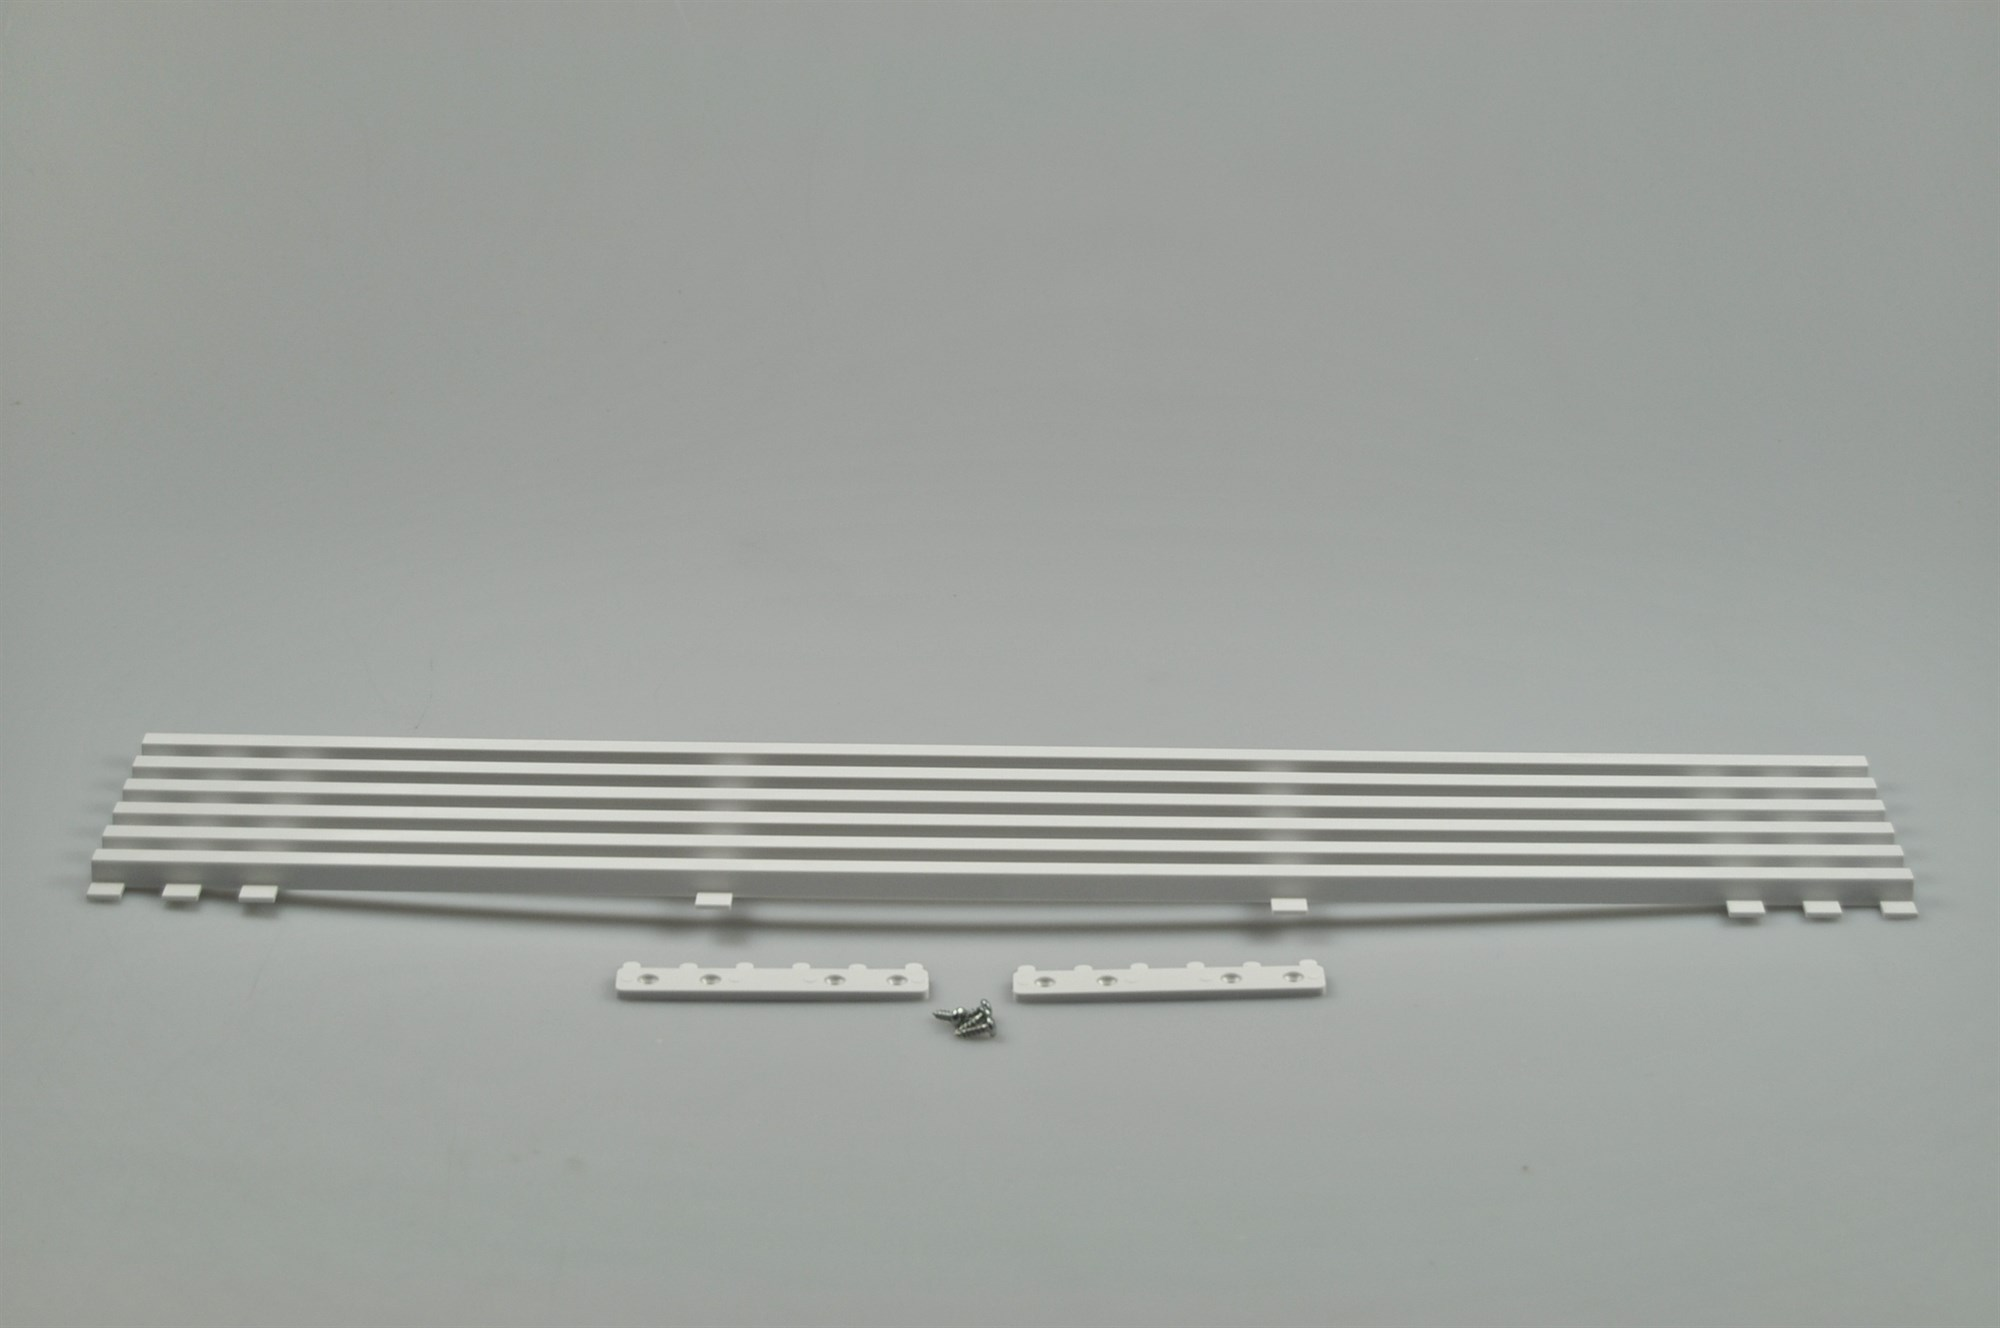 Side By Side Kühlschrank Küppersbusch : Lüftungsgitter universal side by side kühlschrank